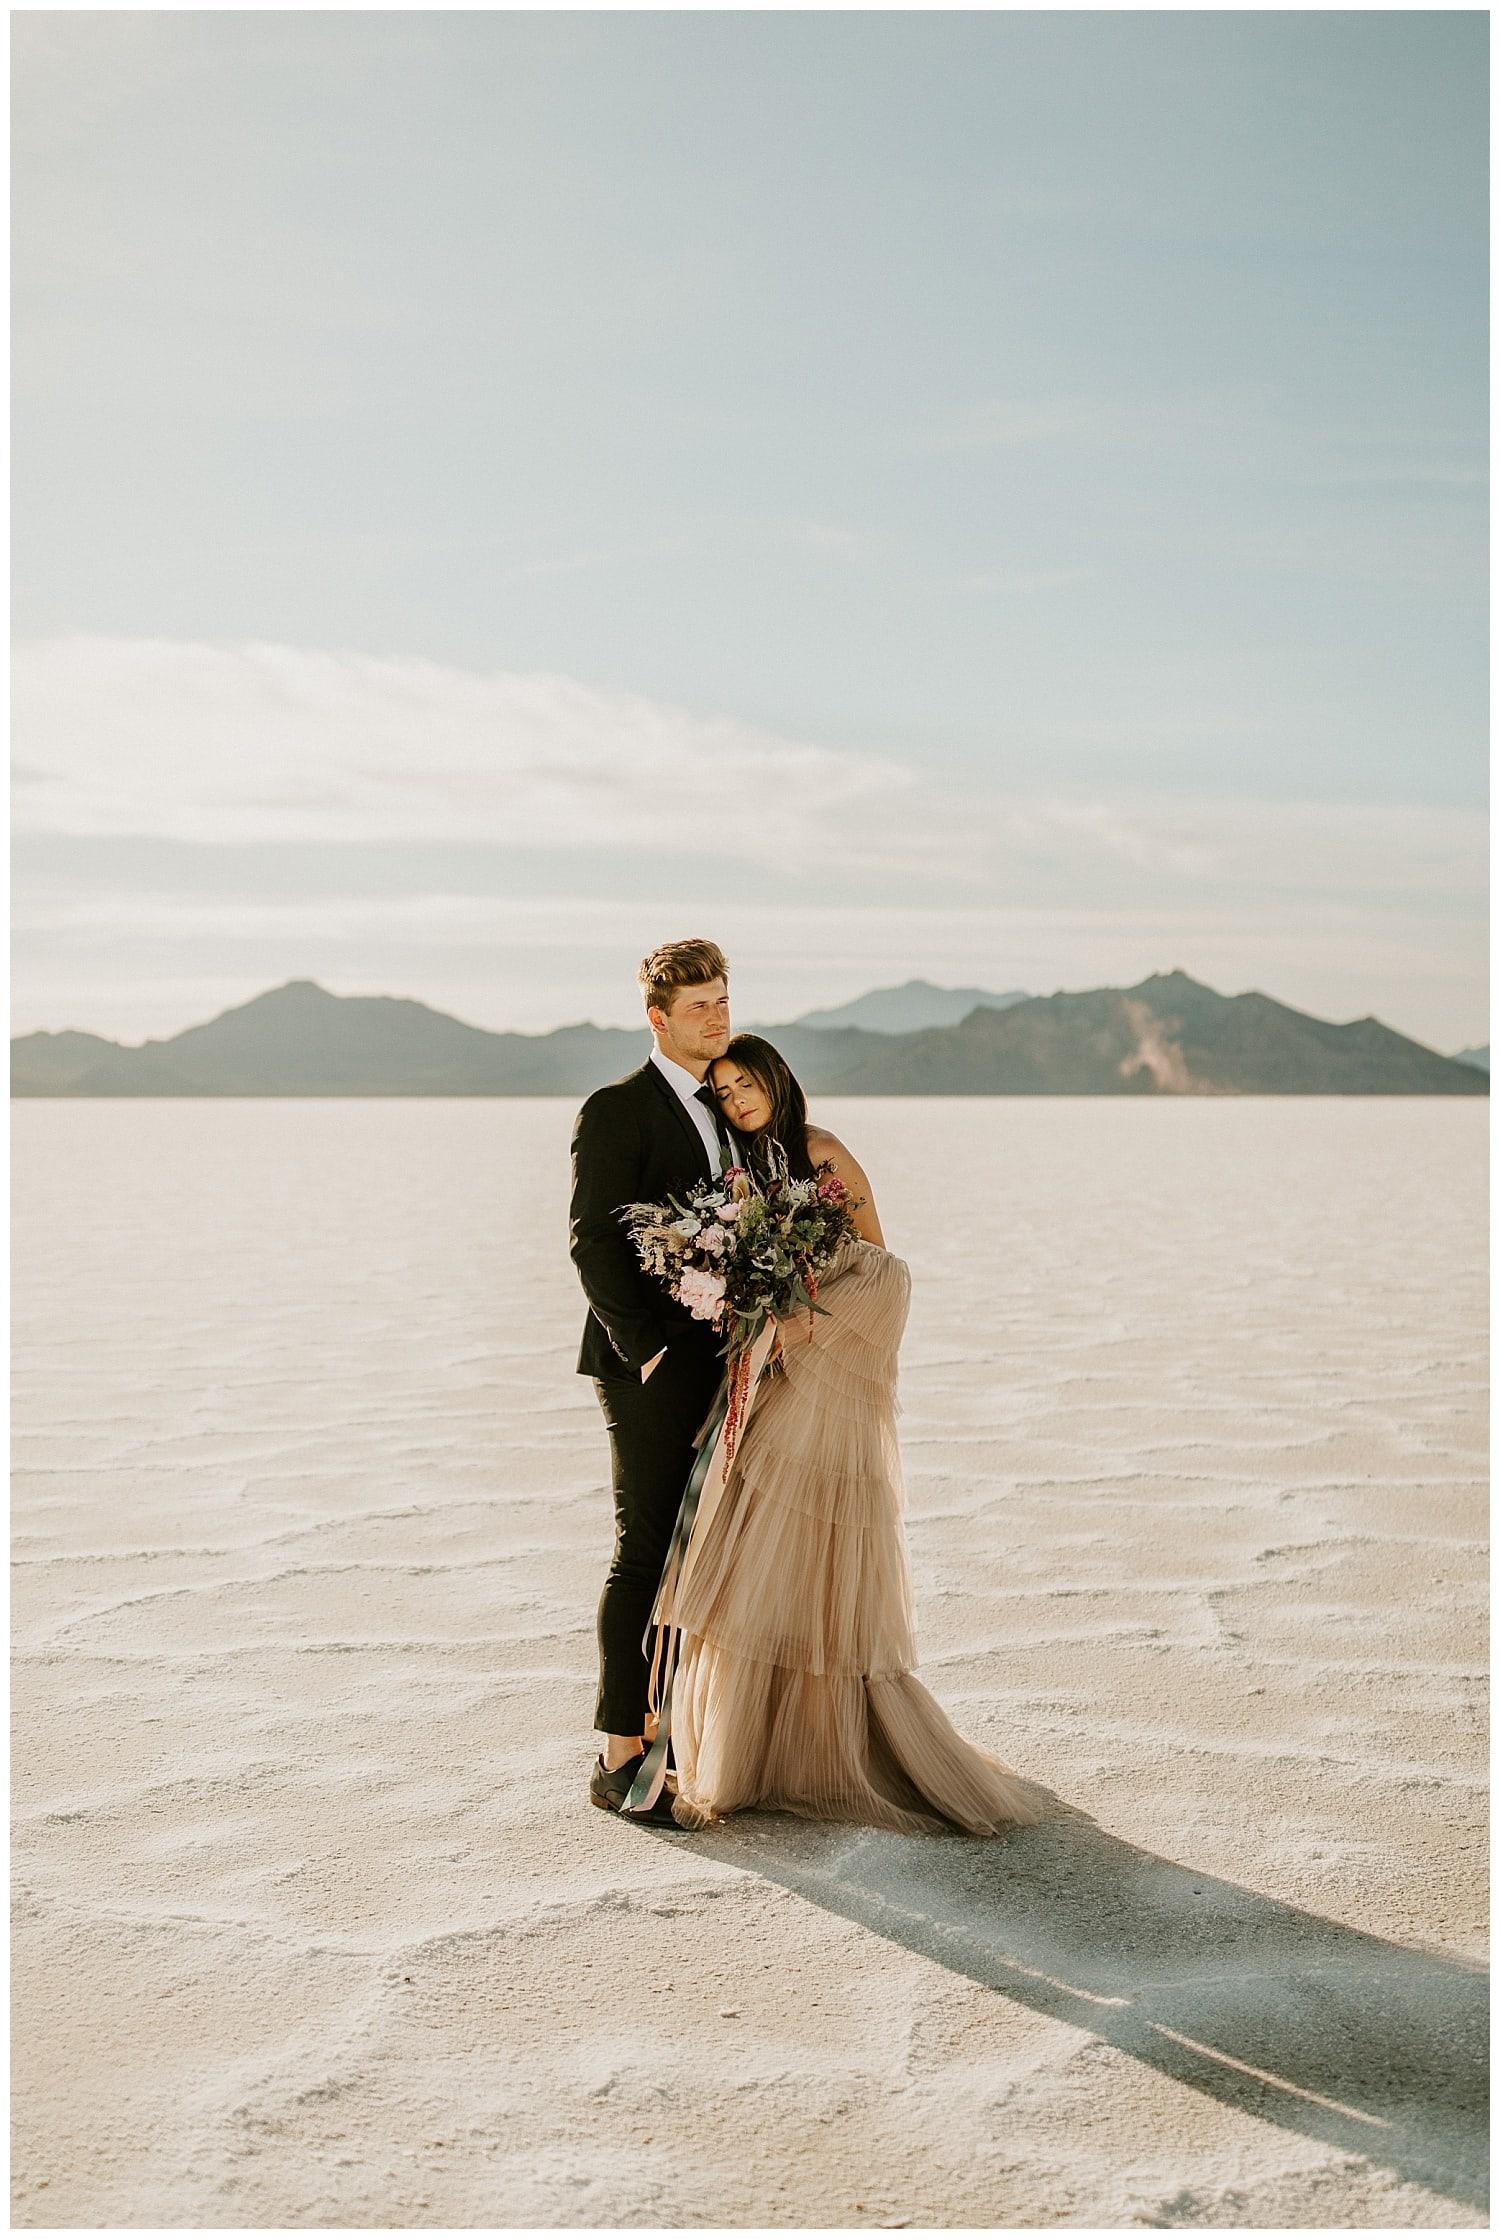 blush wedding dress, bonneville salt flats elopement, salt flats photography, utah wedding photographers